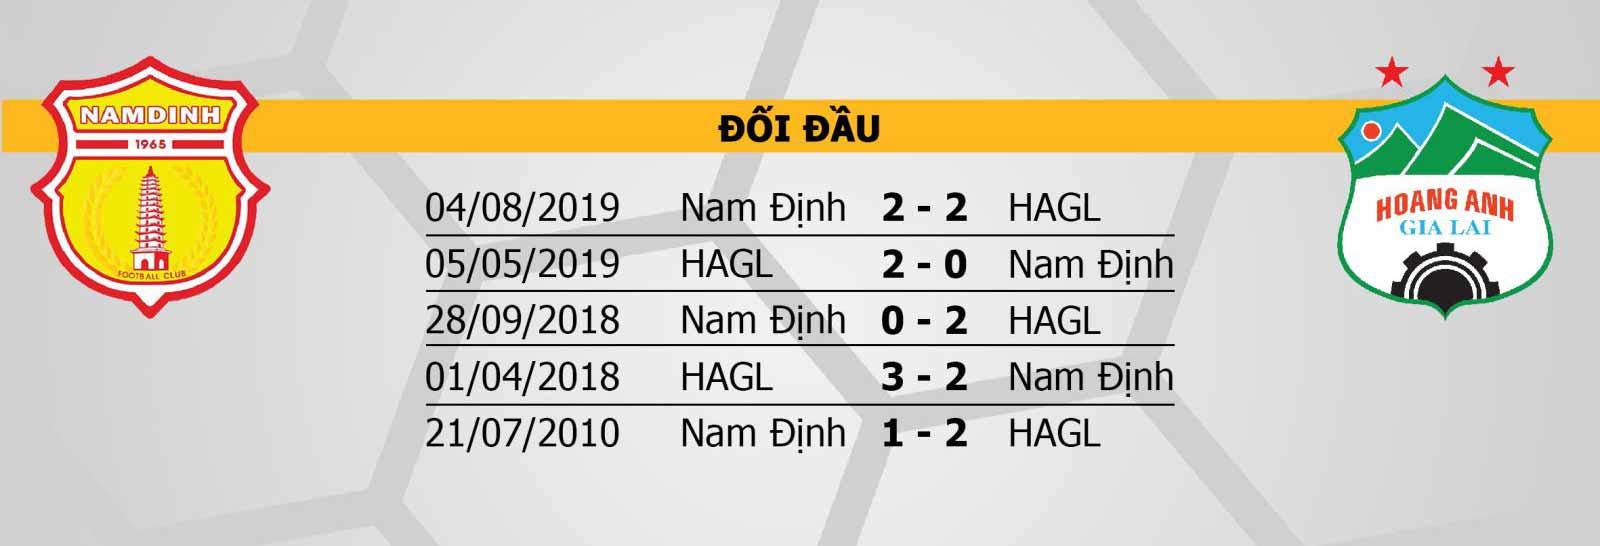 DOI-DAU-NAM-DINH---HAGL